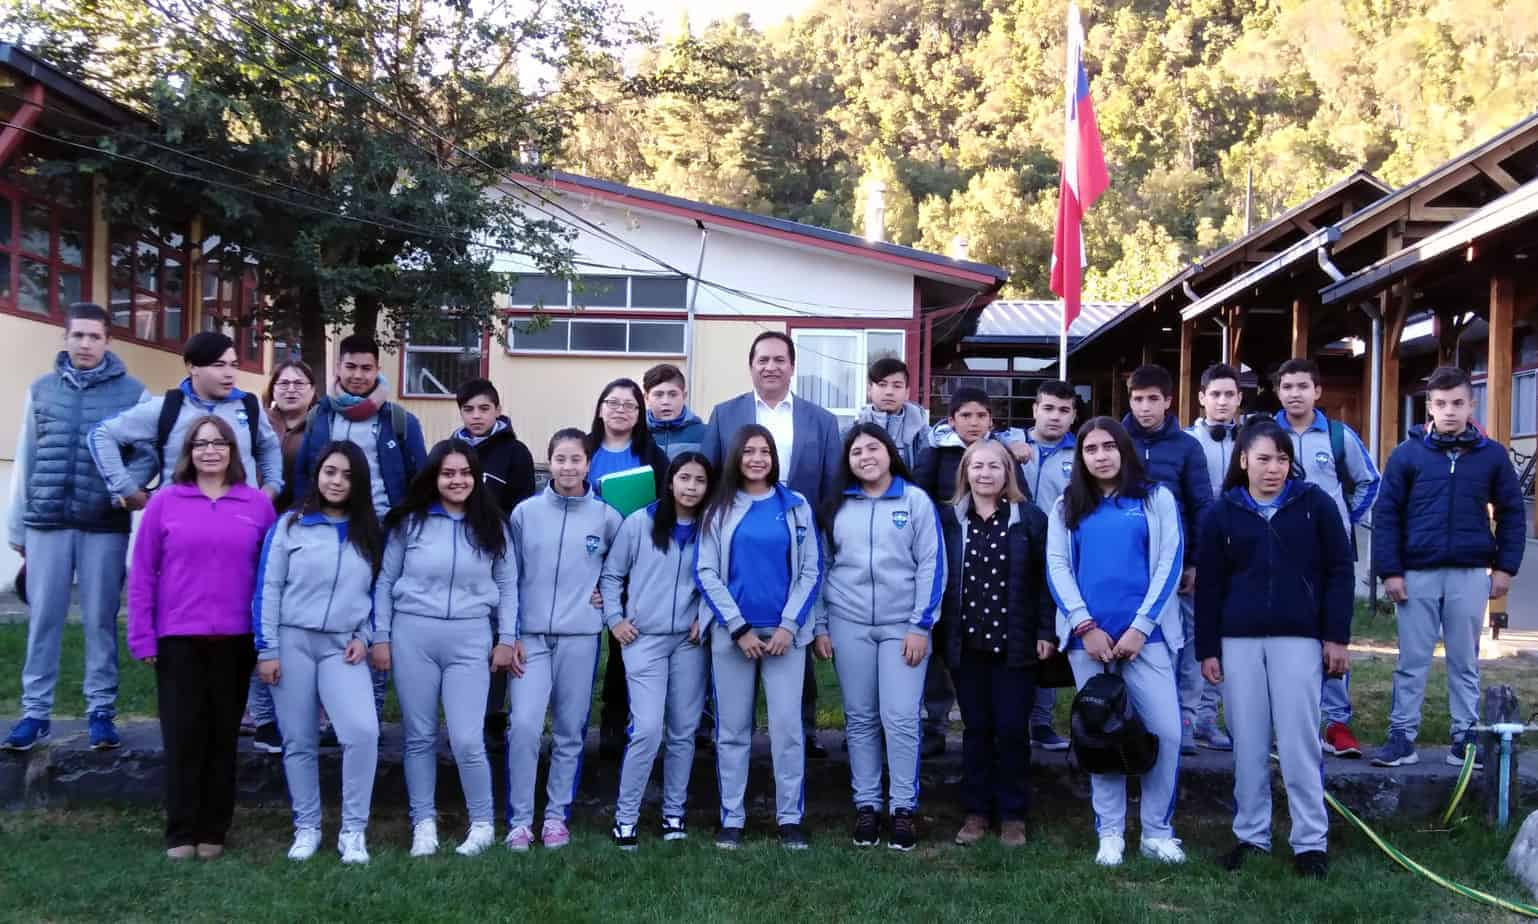 21 alumnos de Antuco viajarán a Argentina gracias a alianza con autoridades de El Cholar